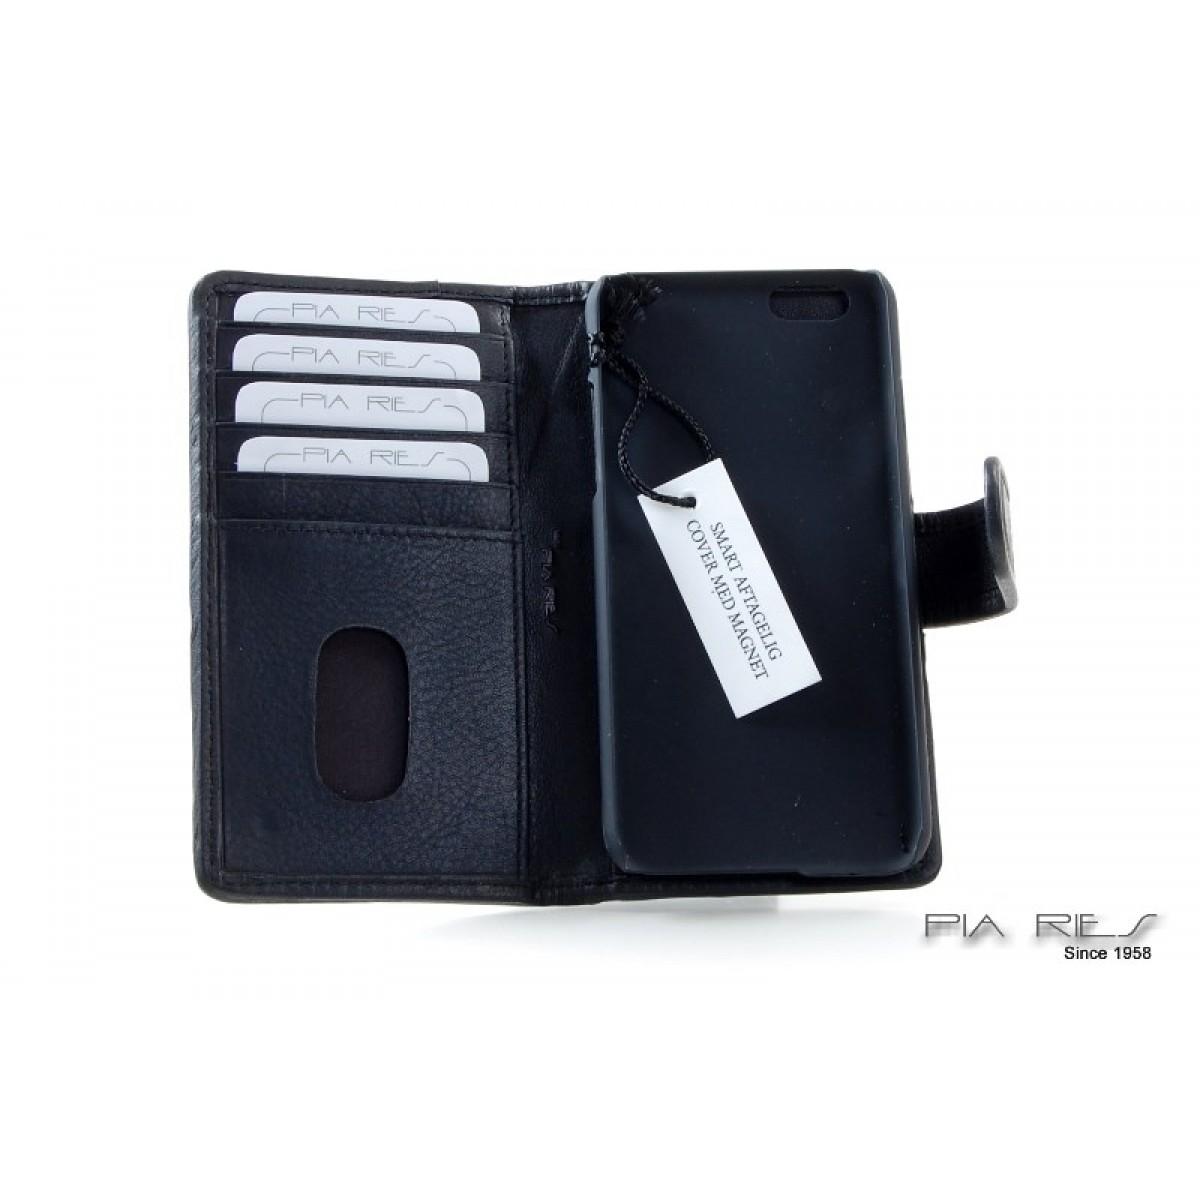 Etui I-phone 6 sort RFID-31